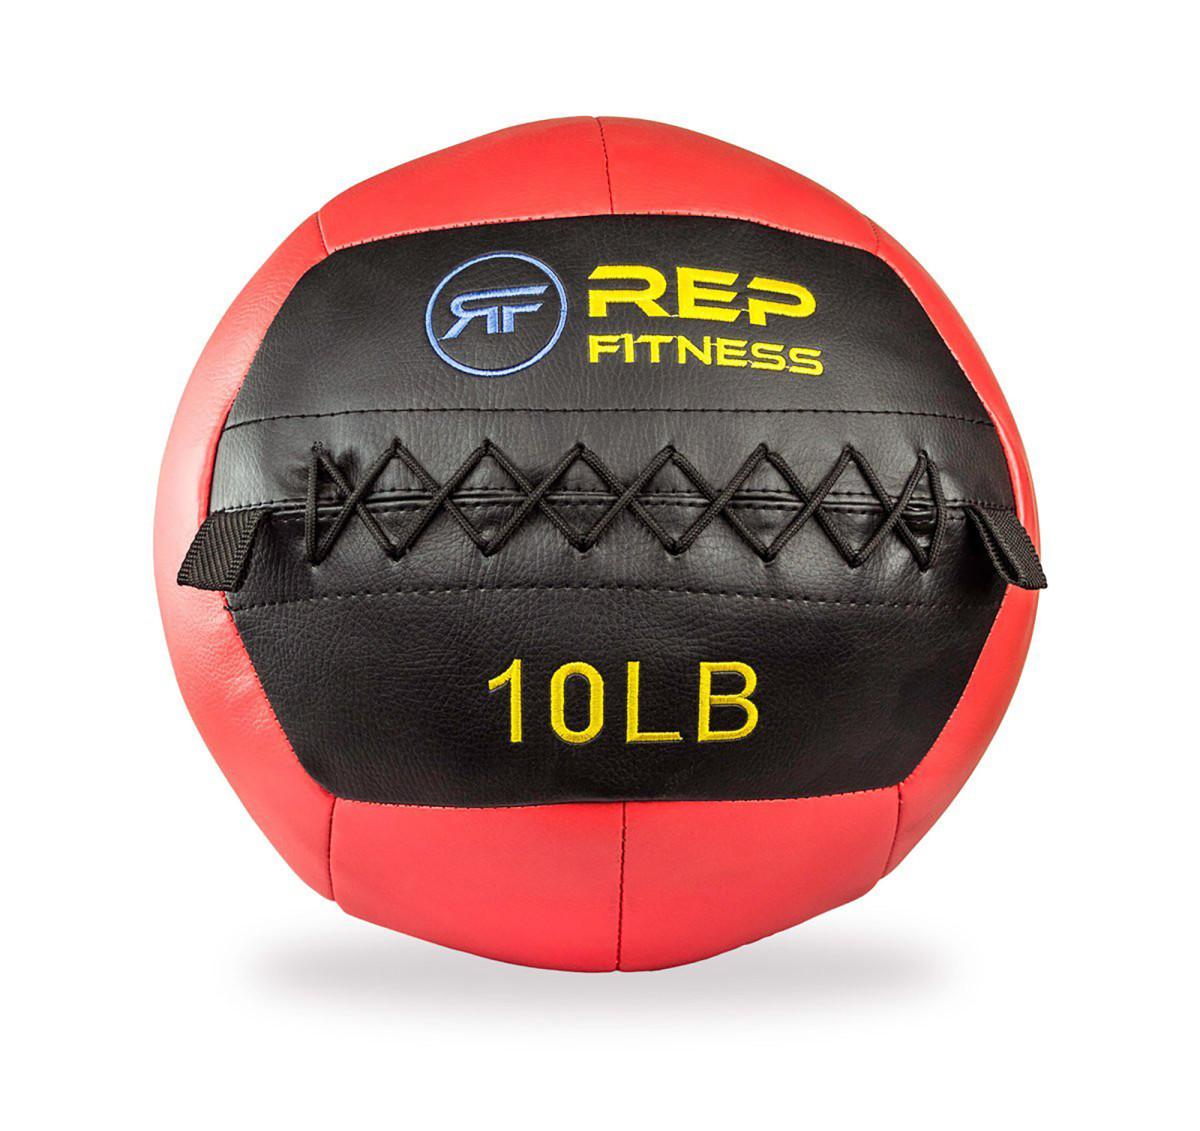 soft-medicine-ball-edge-workout-gear.jpg